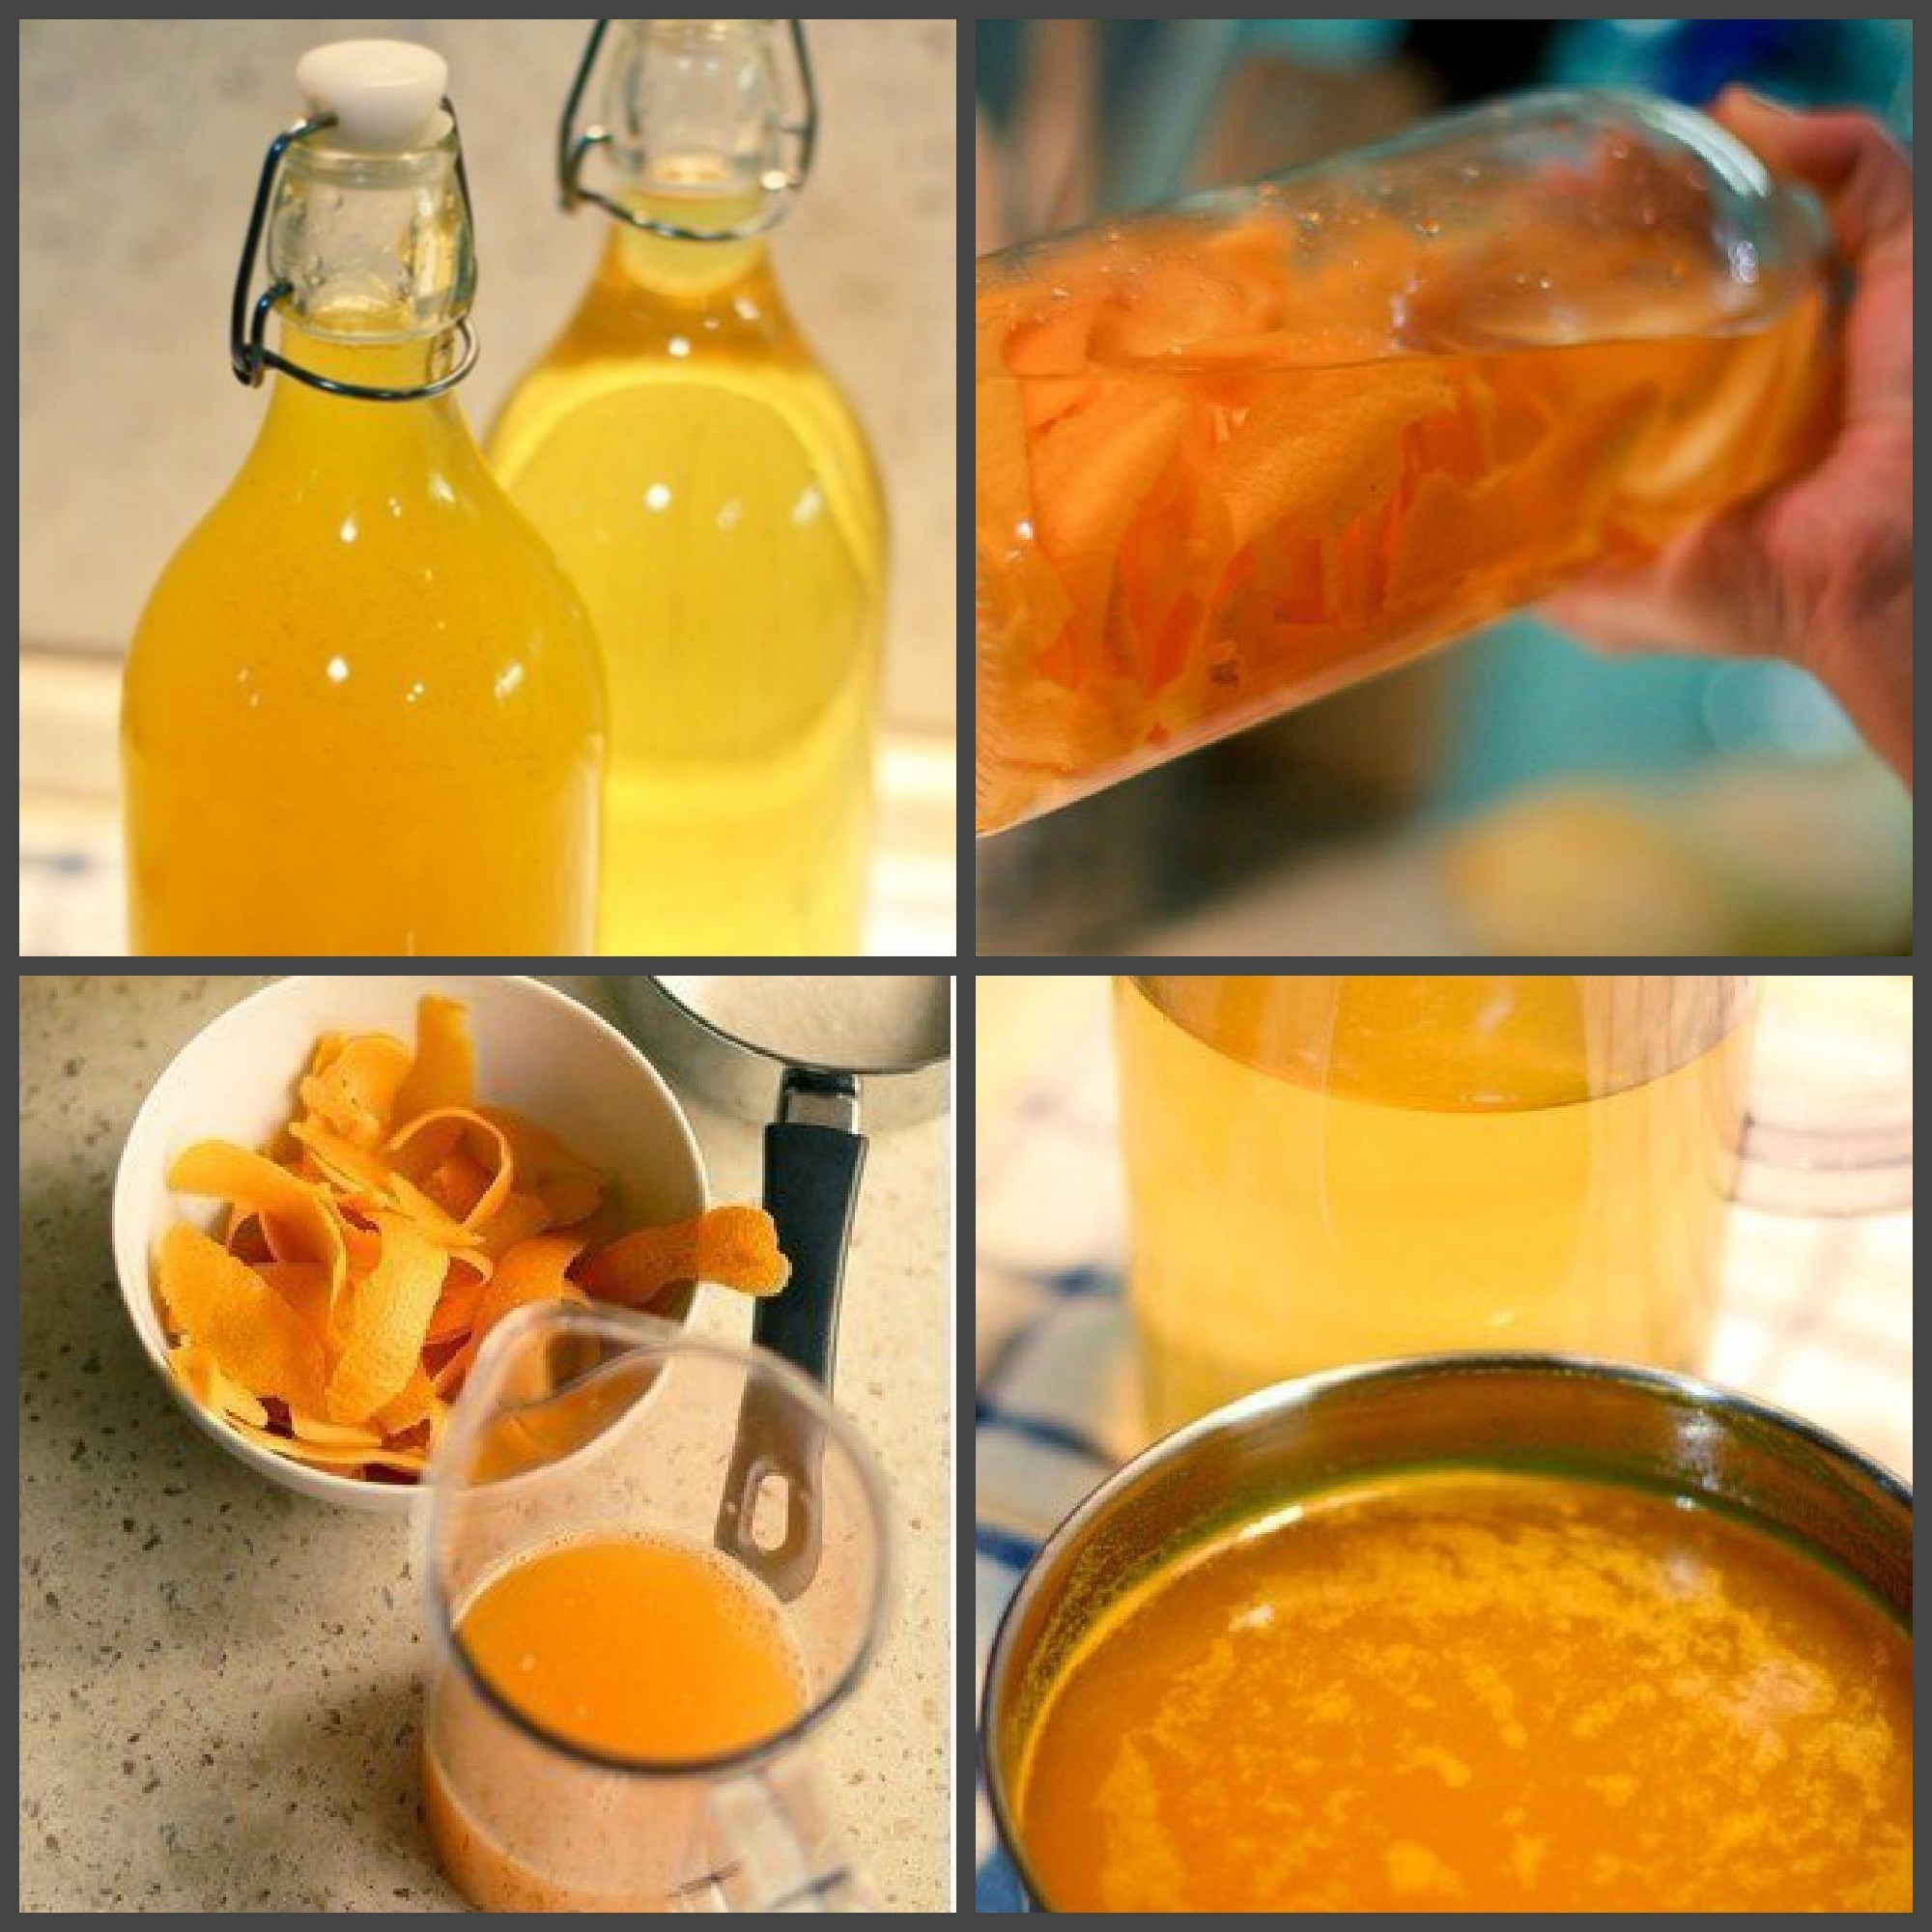 Как варить сок из яблок в соковарке на зиму? очень просто! тонкости и хитрости: с чем и как сварить сок в соковарке из яблок - автор екатерина данилова - журнал женское мнение